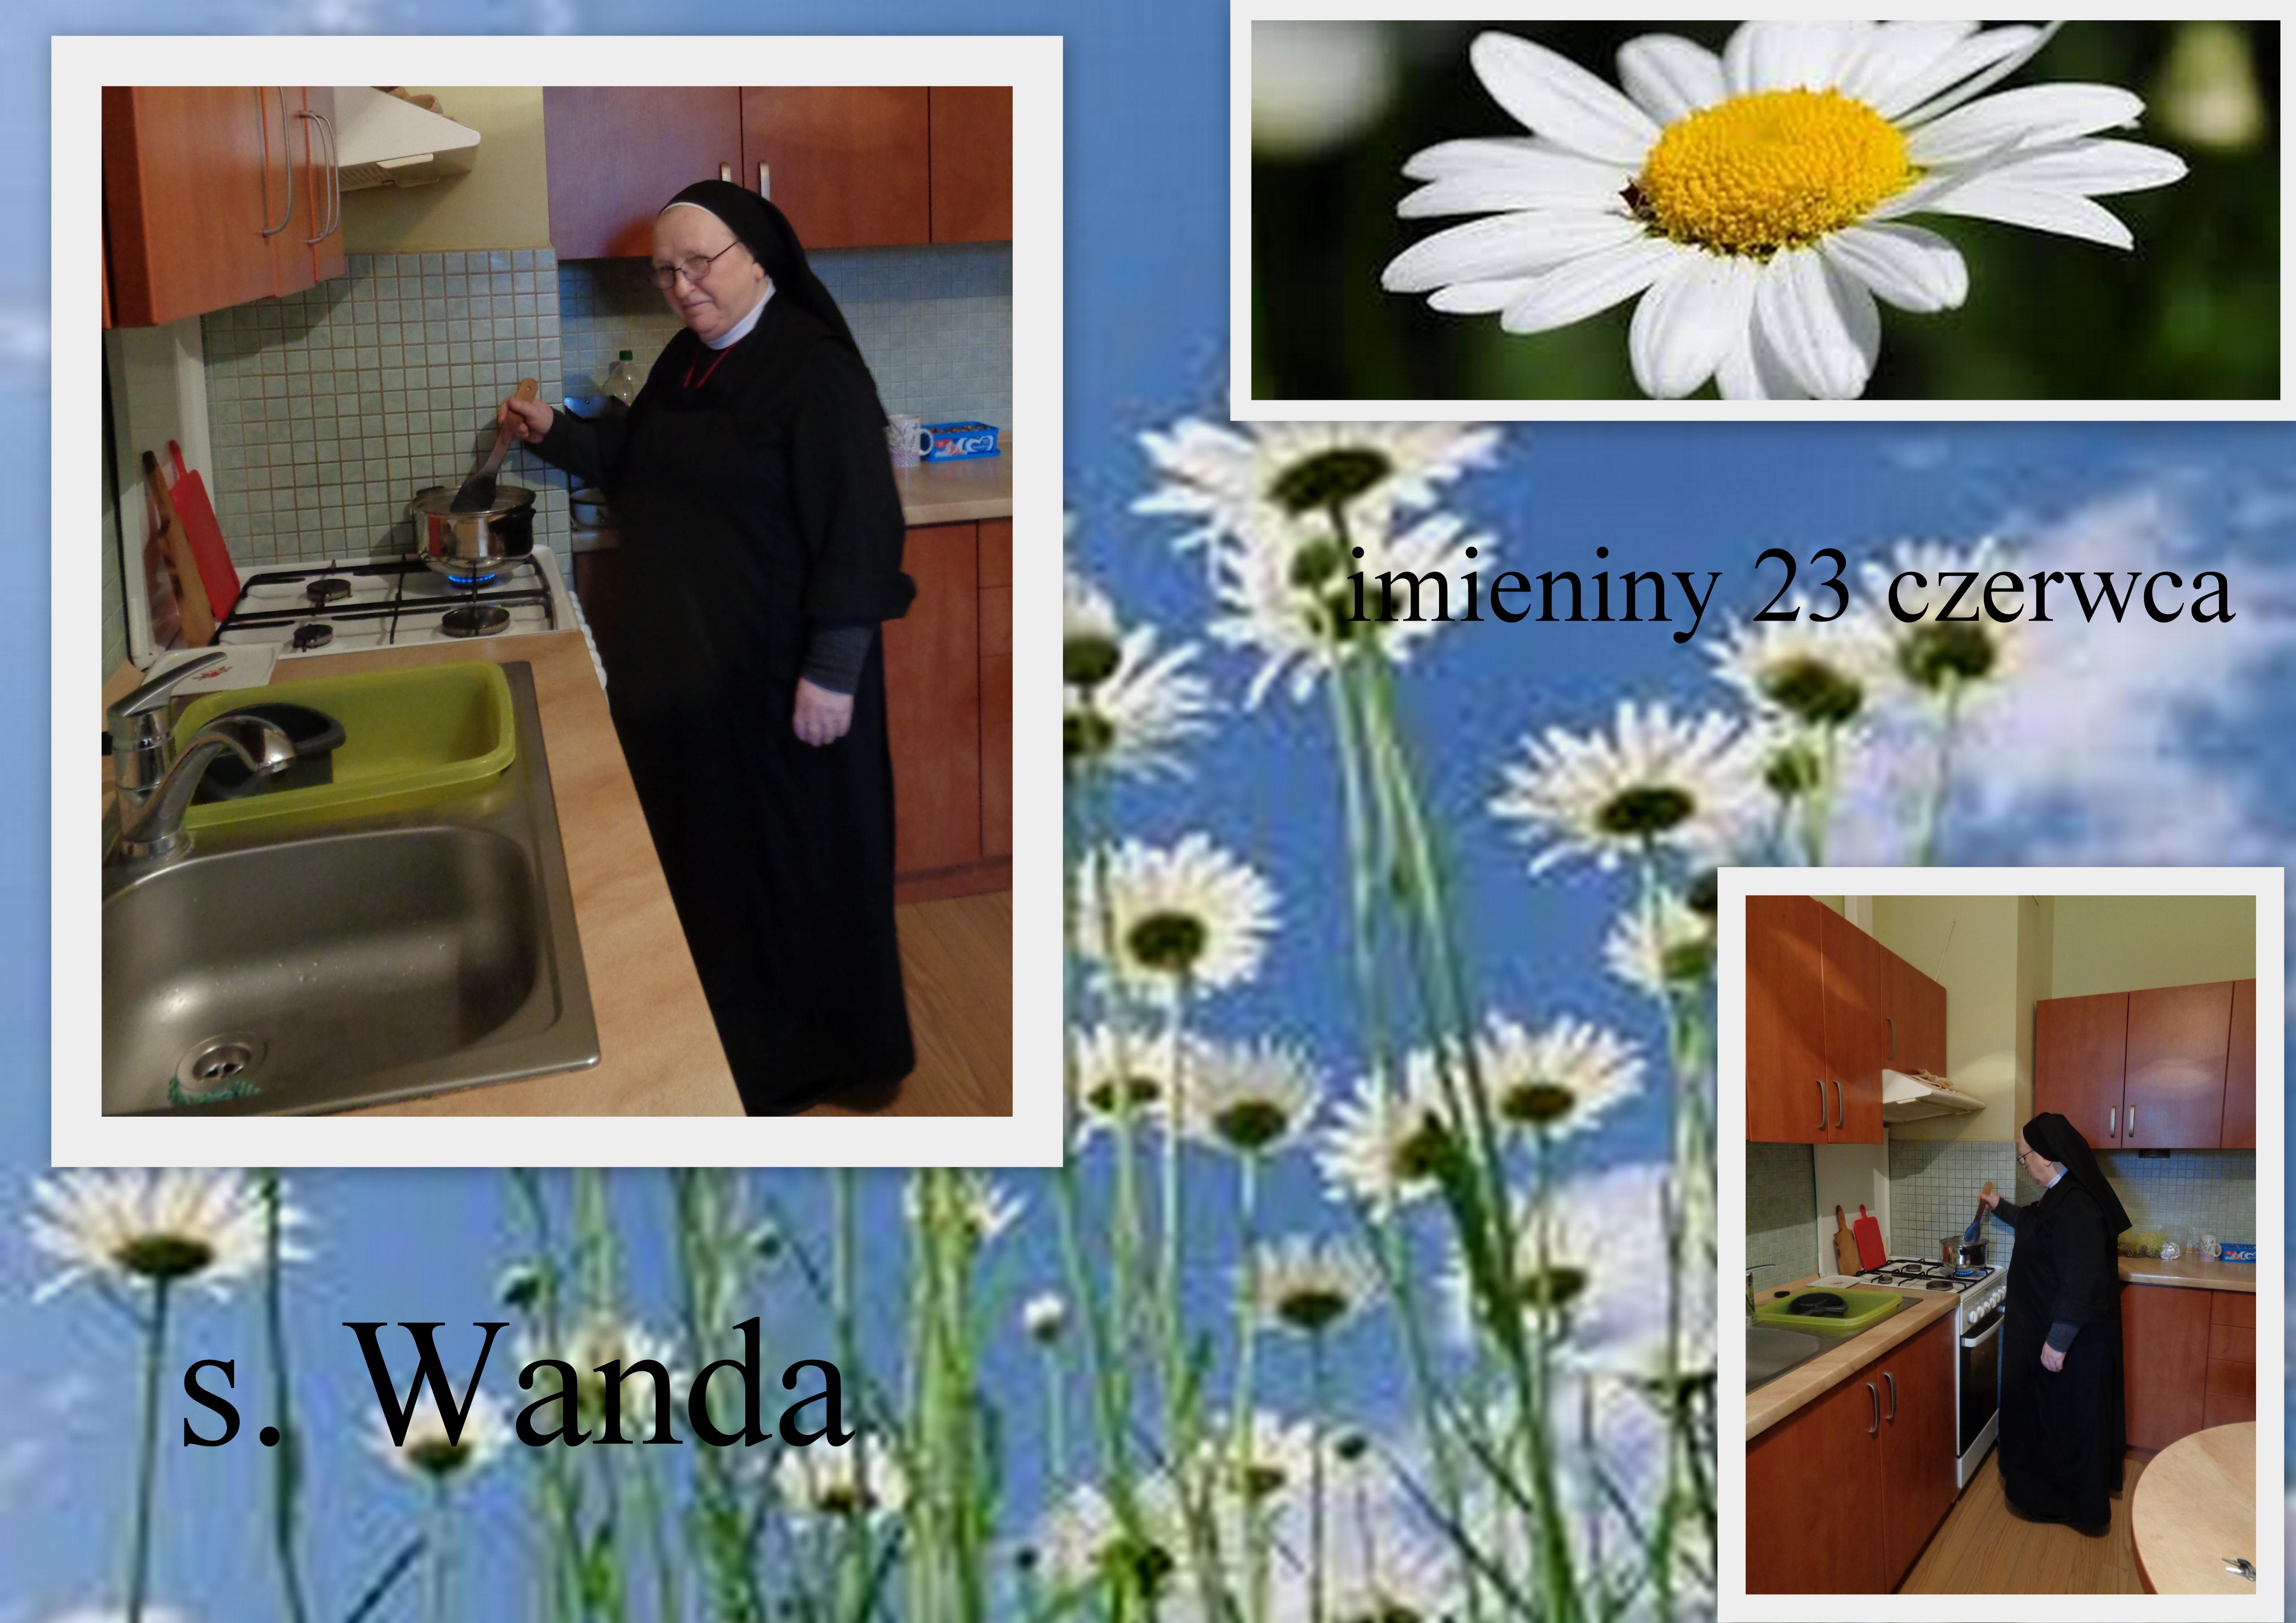 s. Wanda